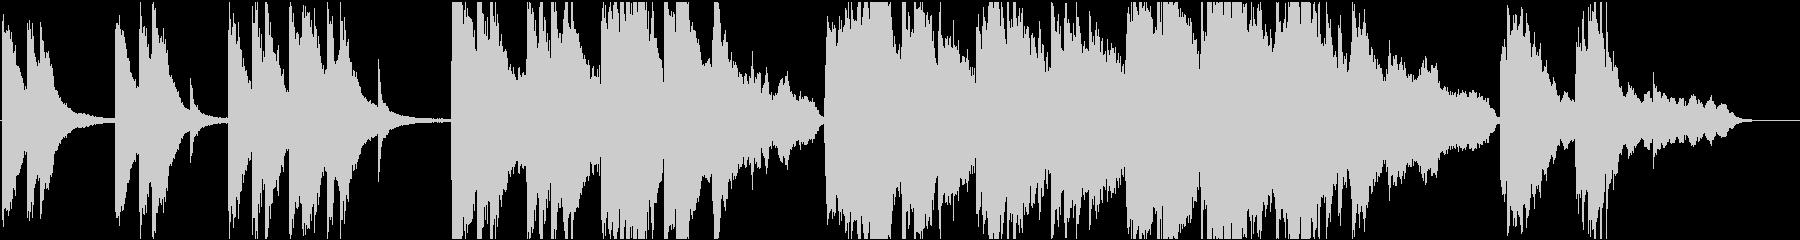 企業VP16 16bit48kHzVerの未再生の波形